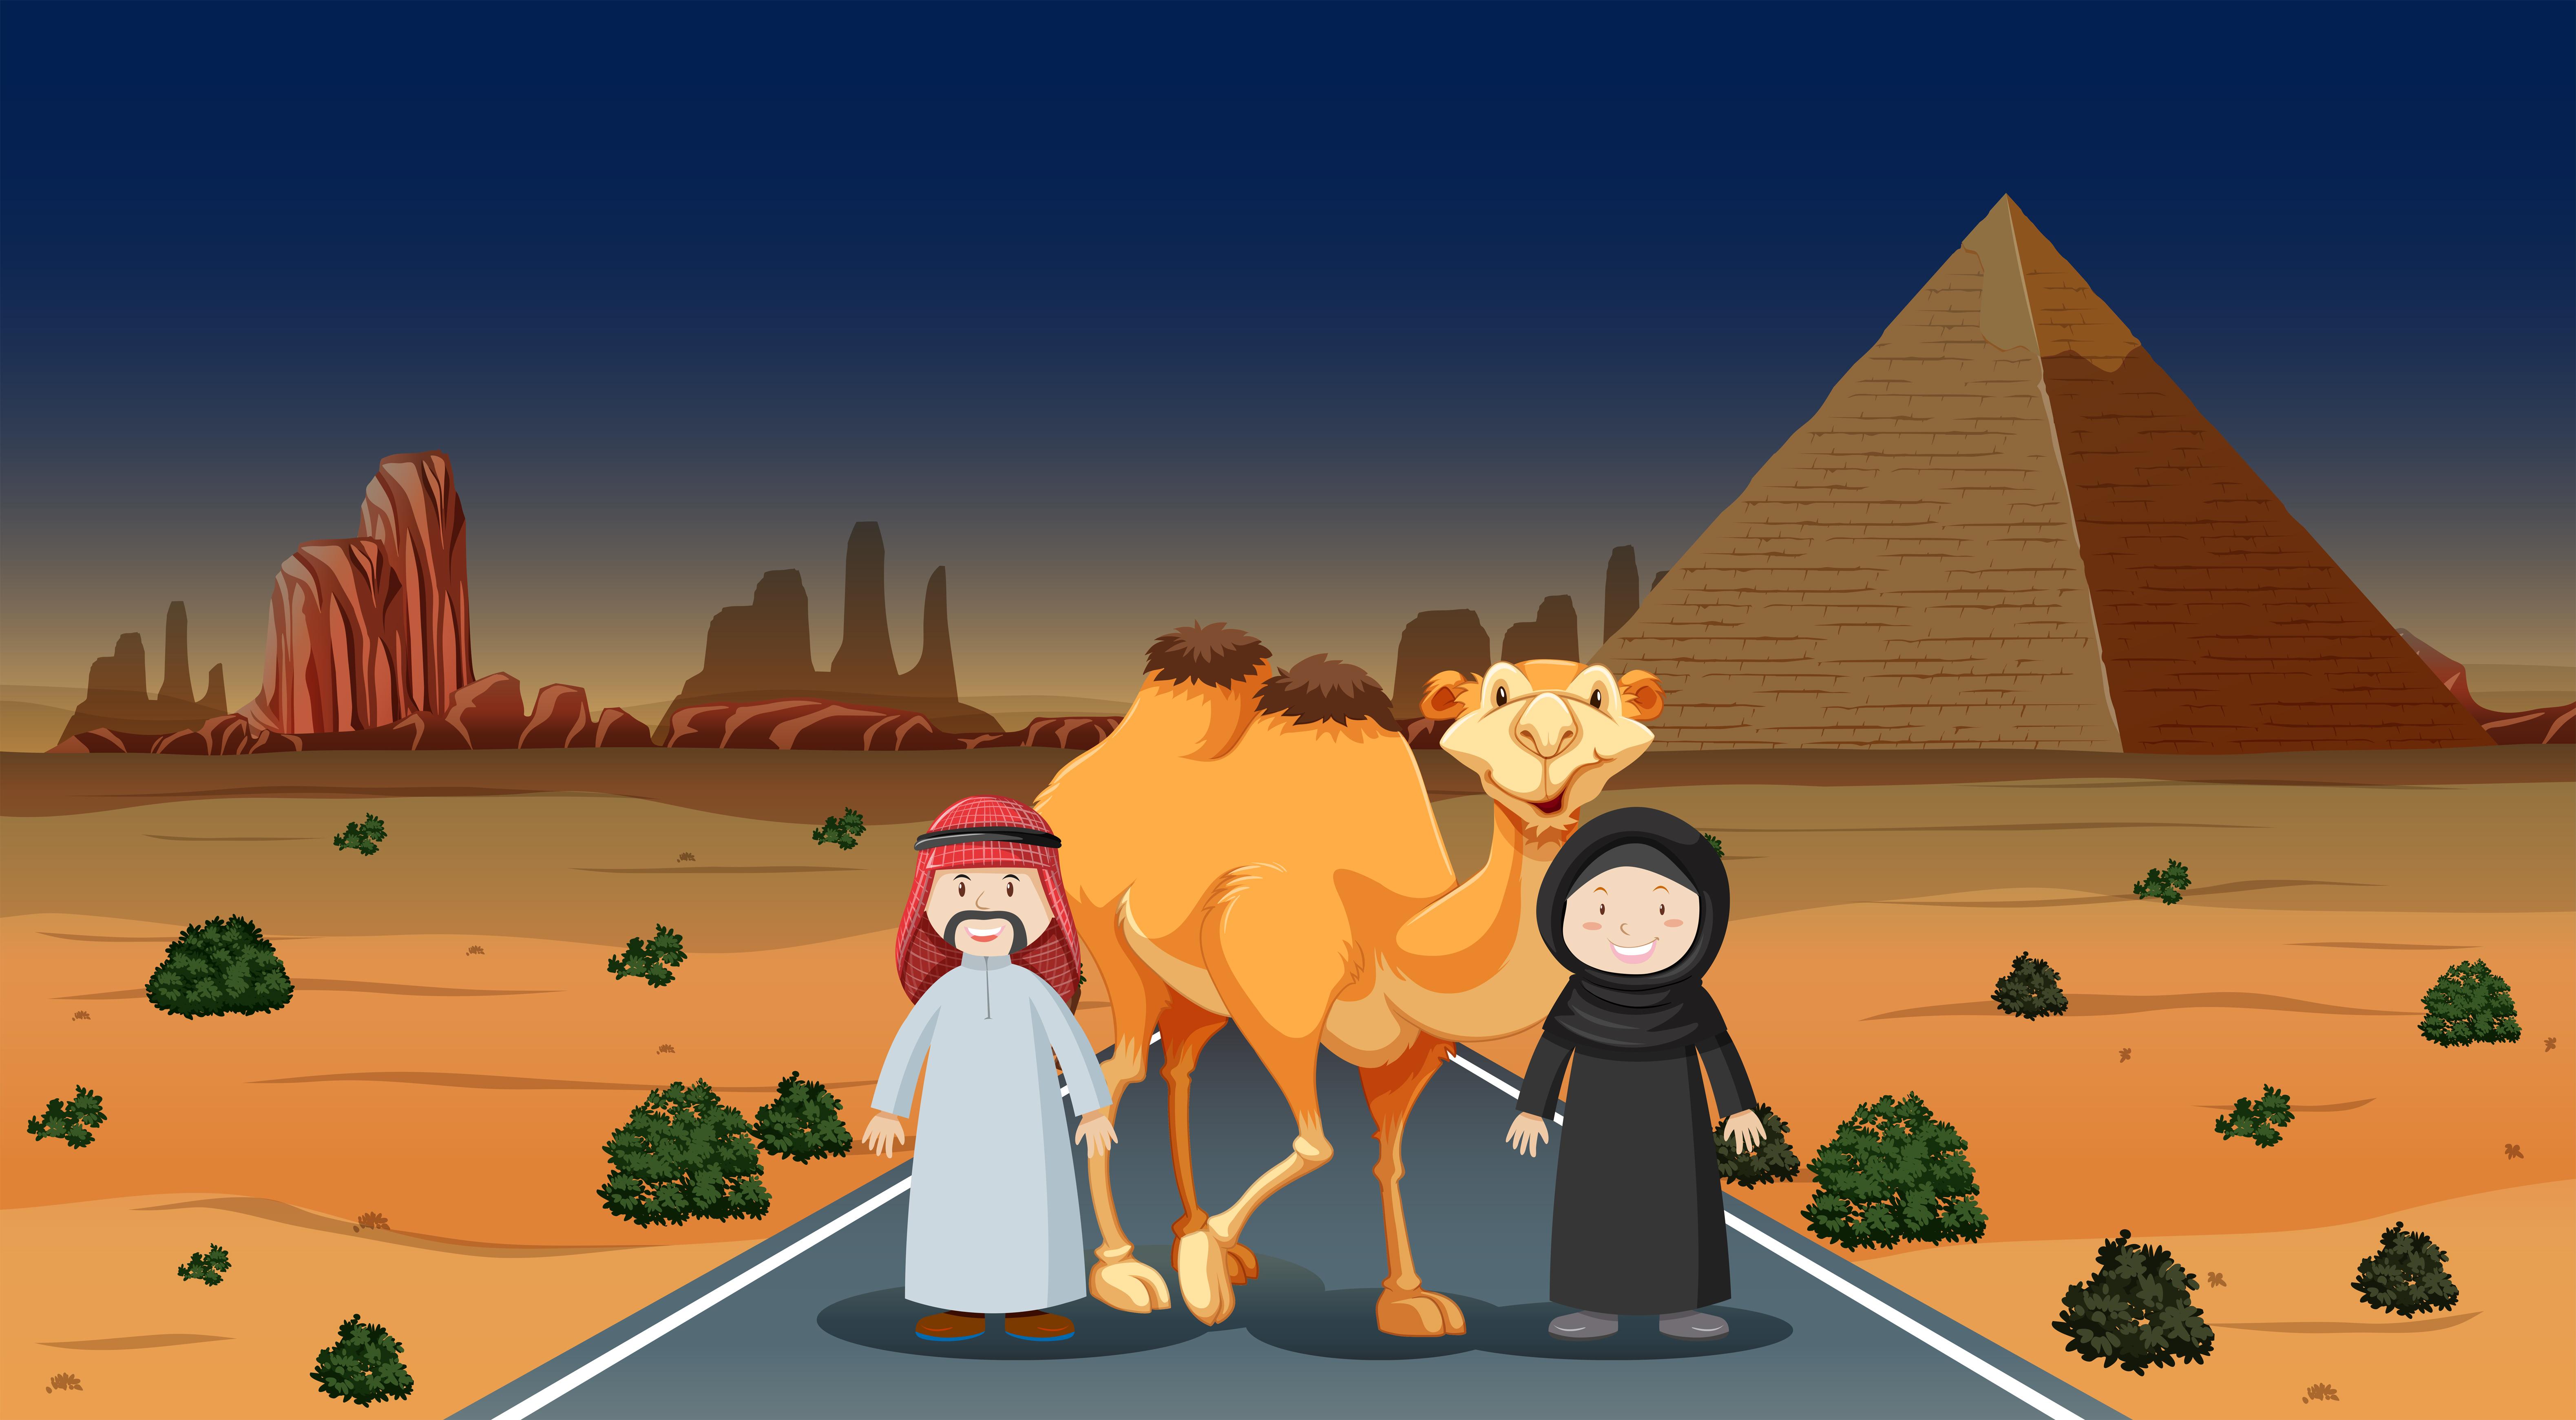 постер пустыня и верблюды и люди очень часто